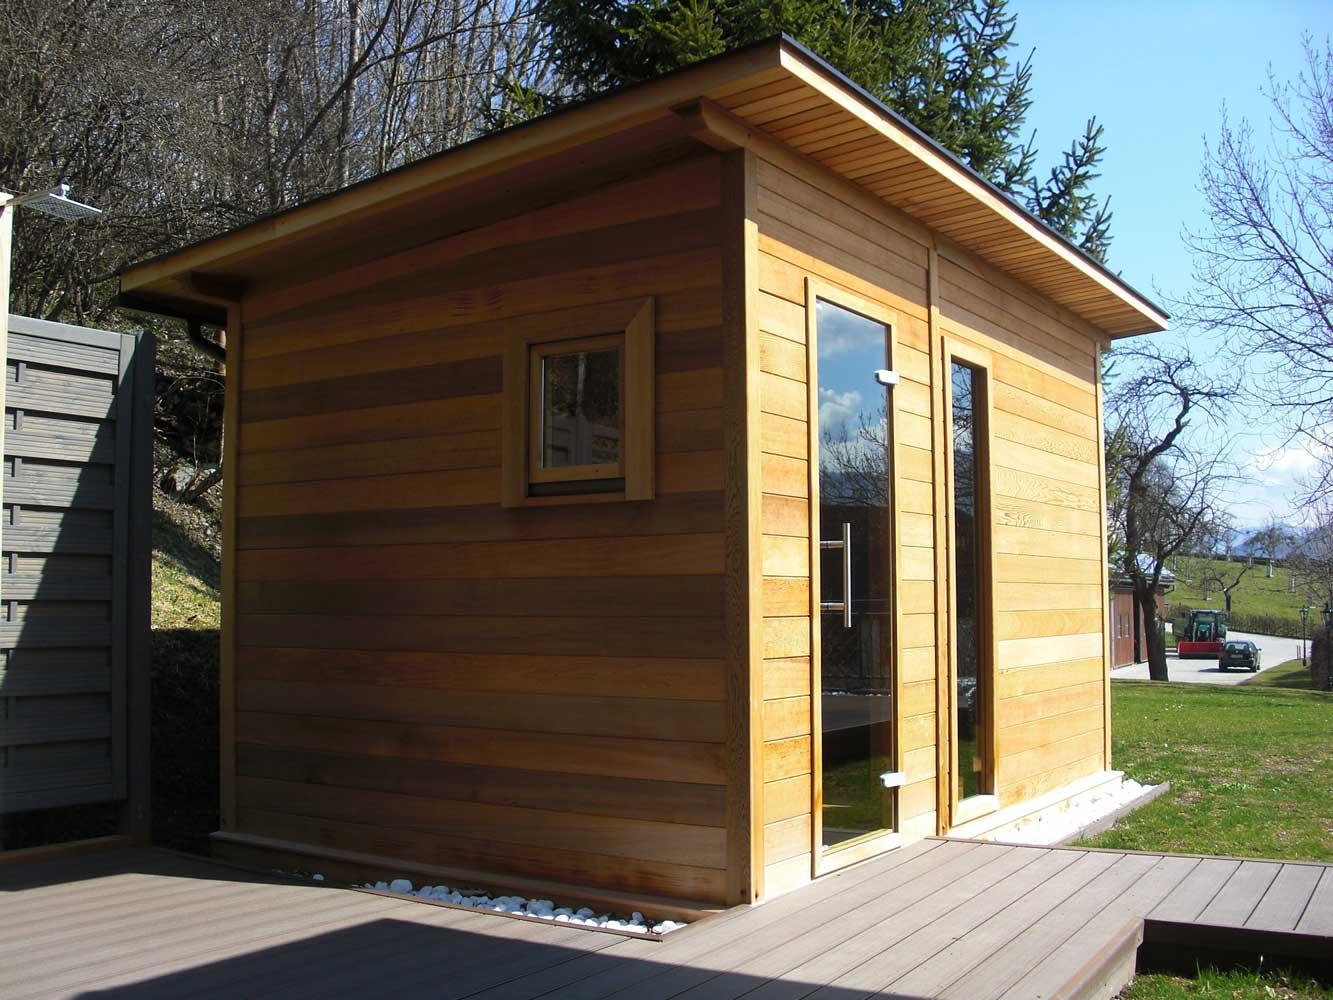 Full Size of Außensauna Wandaufbau Garten Sauna Aussensauna Deisl Gesundes Vertrauen In Holz Wohnzimmer Außensauna Wandaufbau